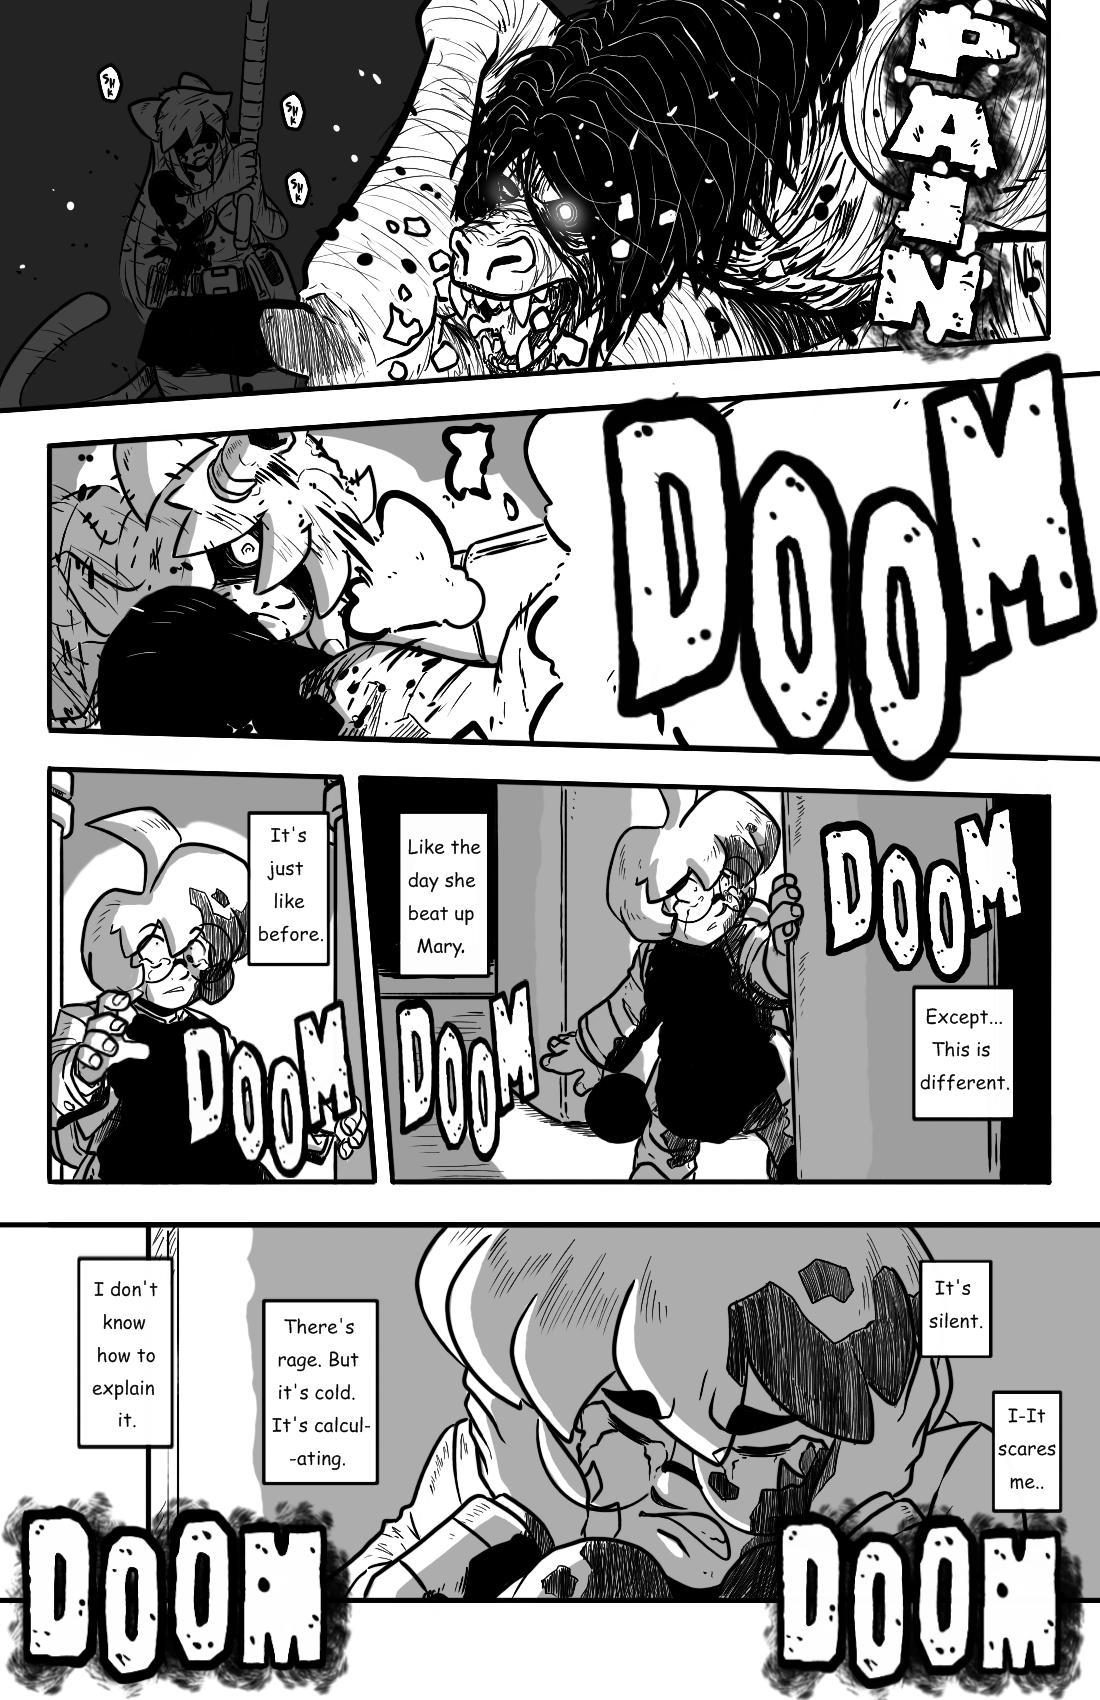 Bad Moon Rising Part 2 pg.44